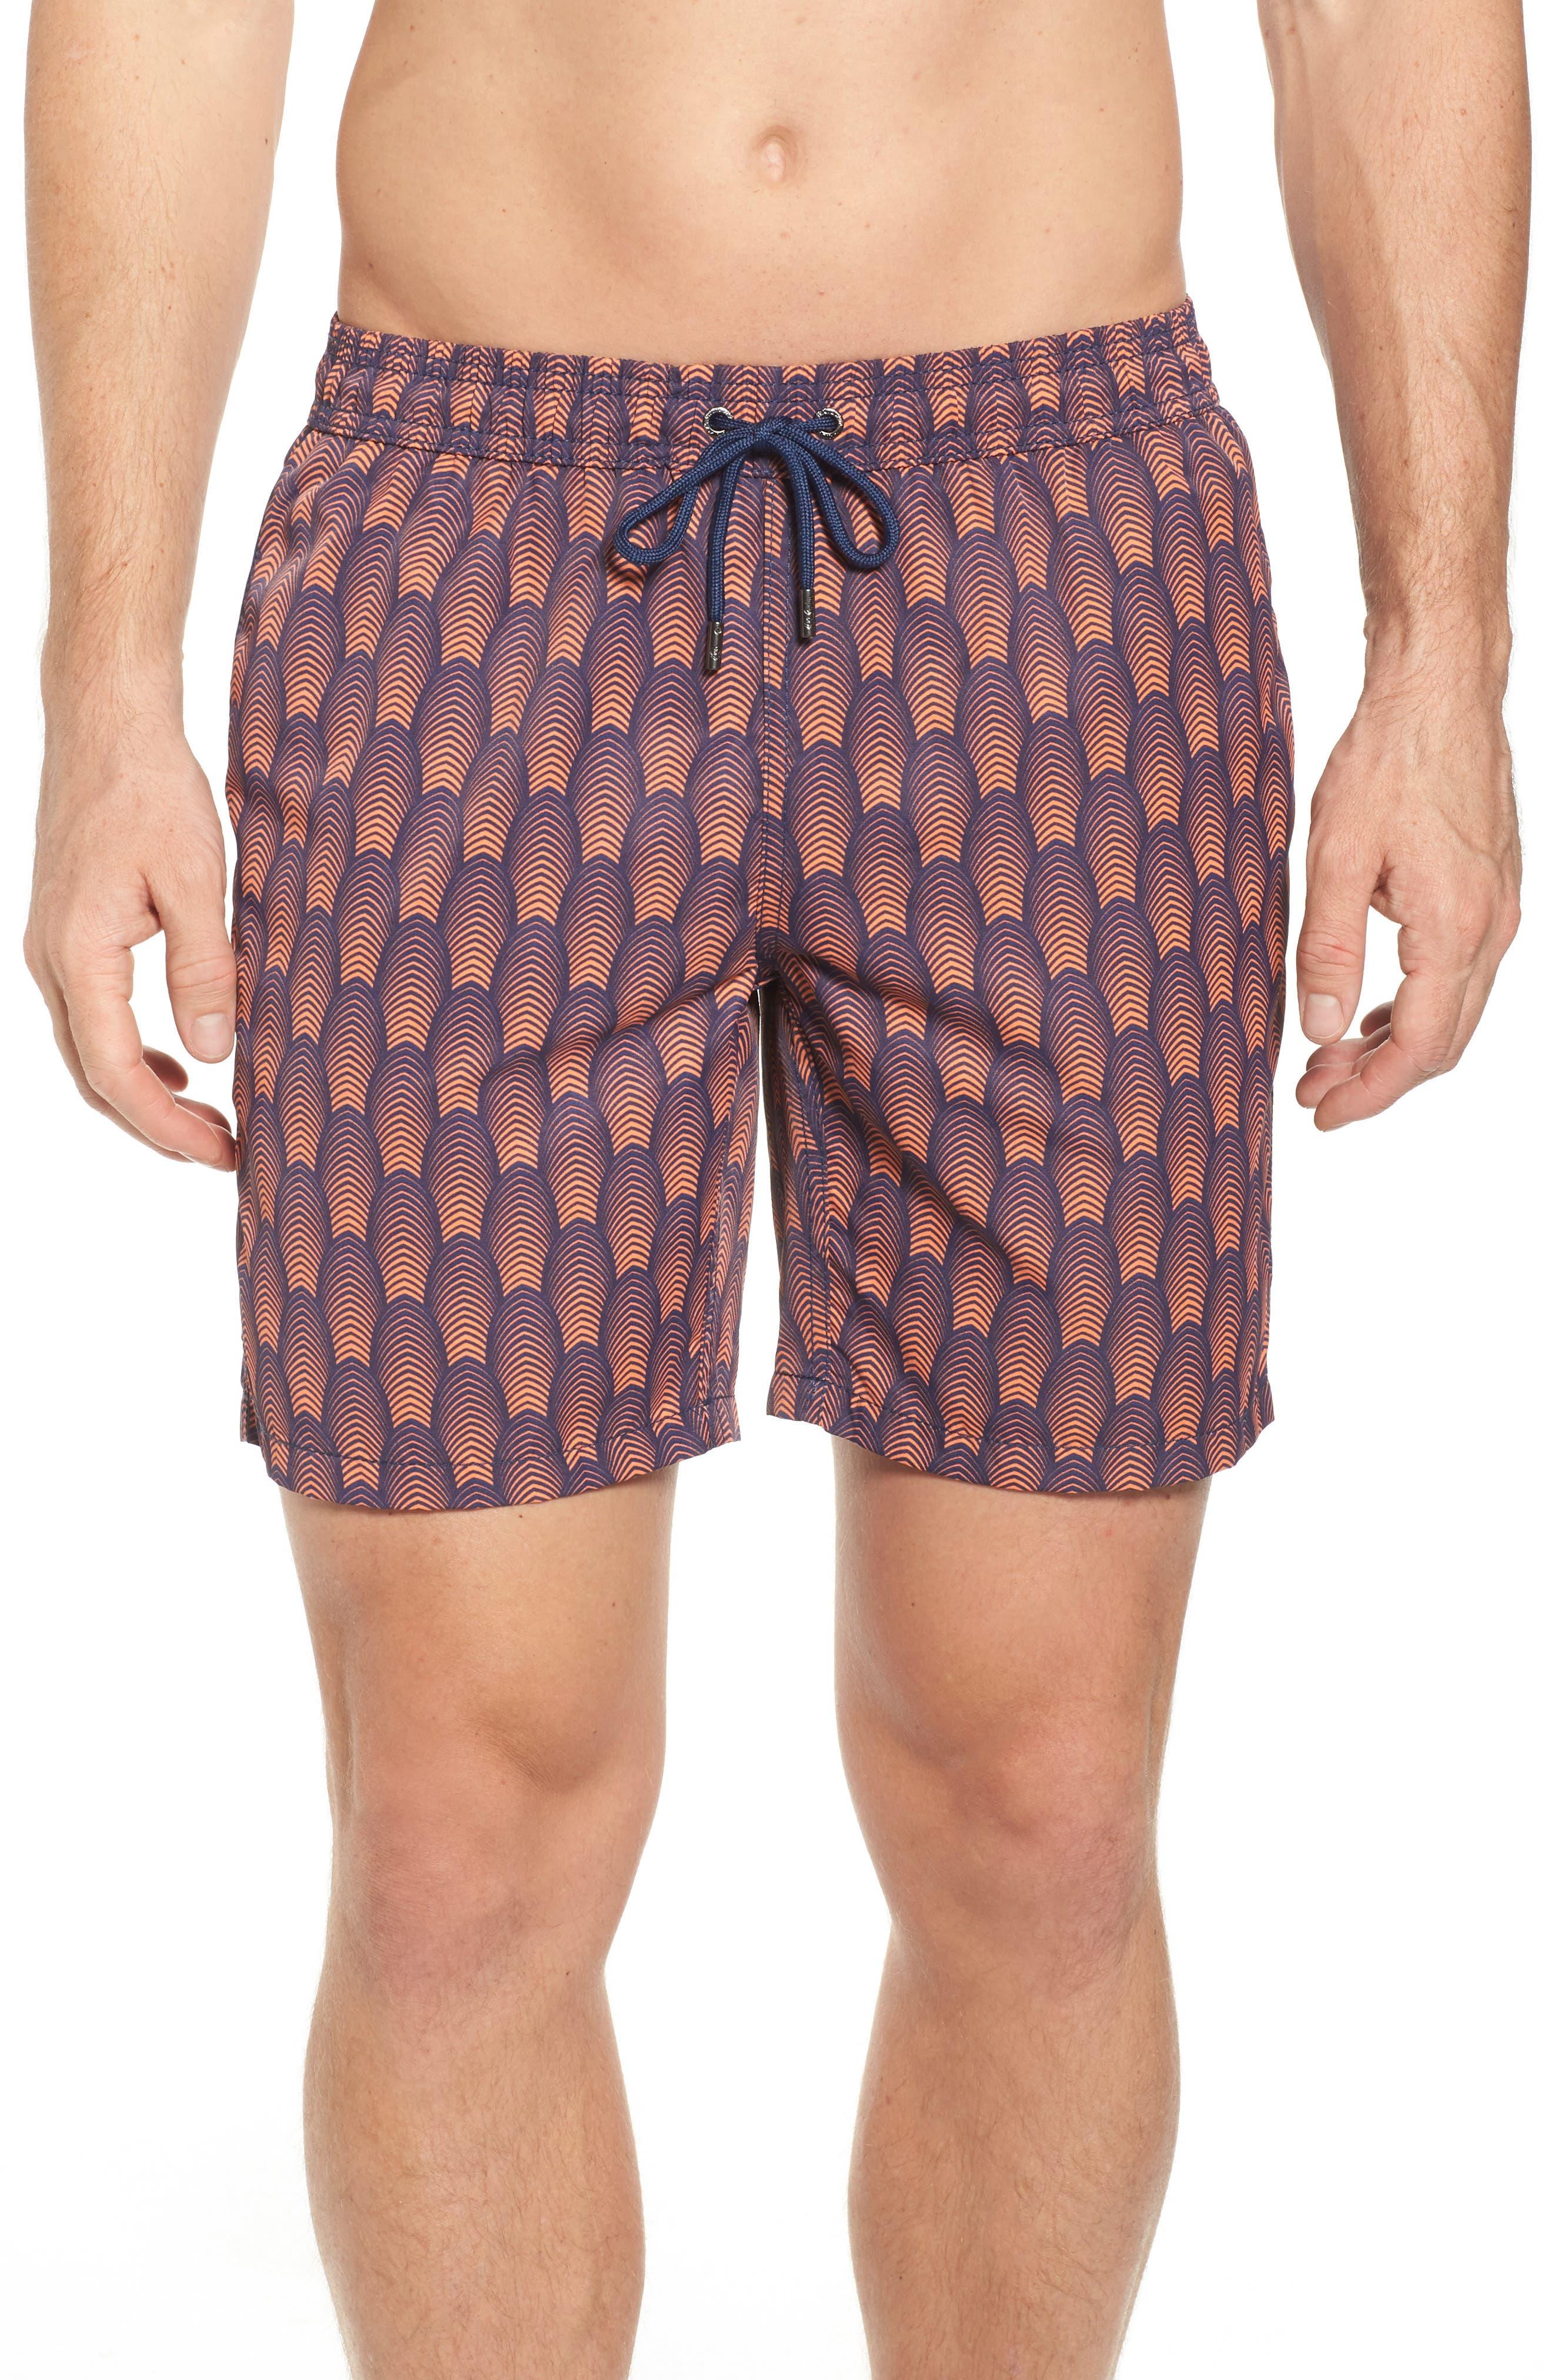 Mr. Swim Deco Print Swim Trunks